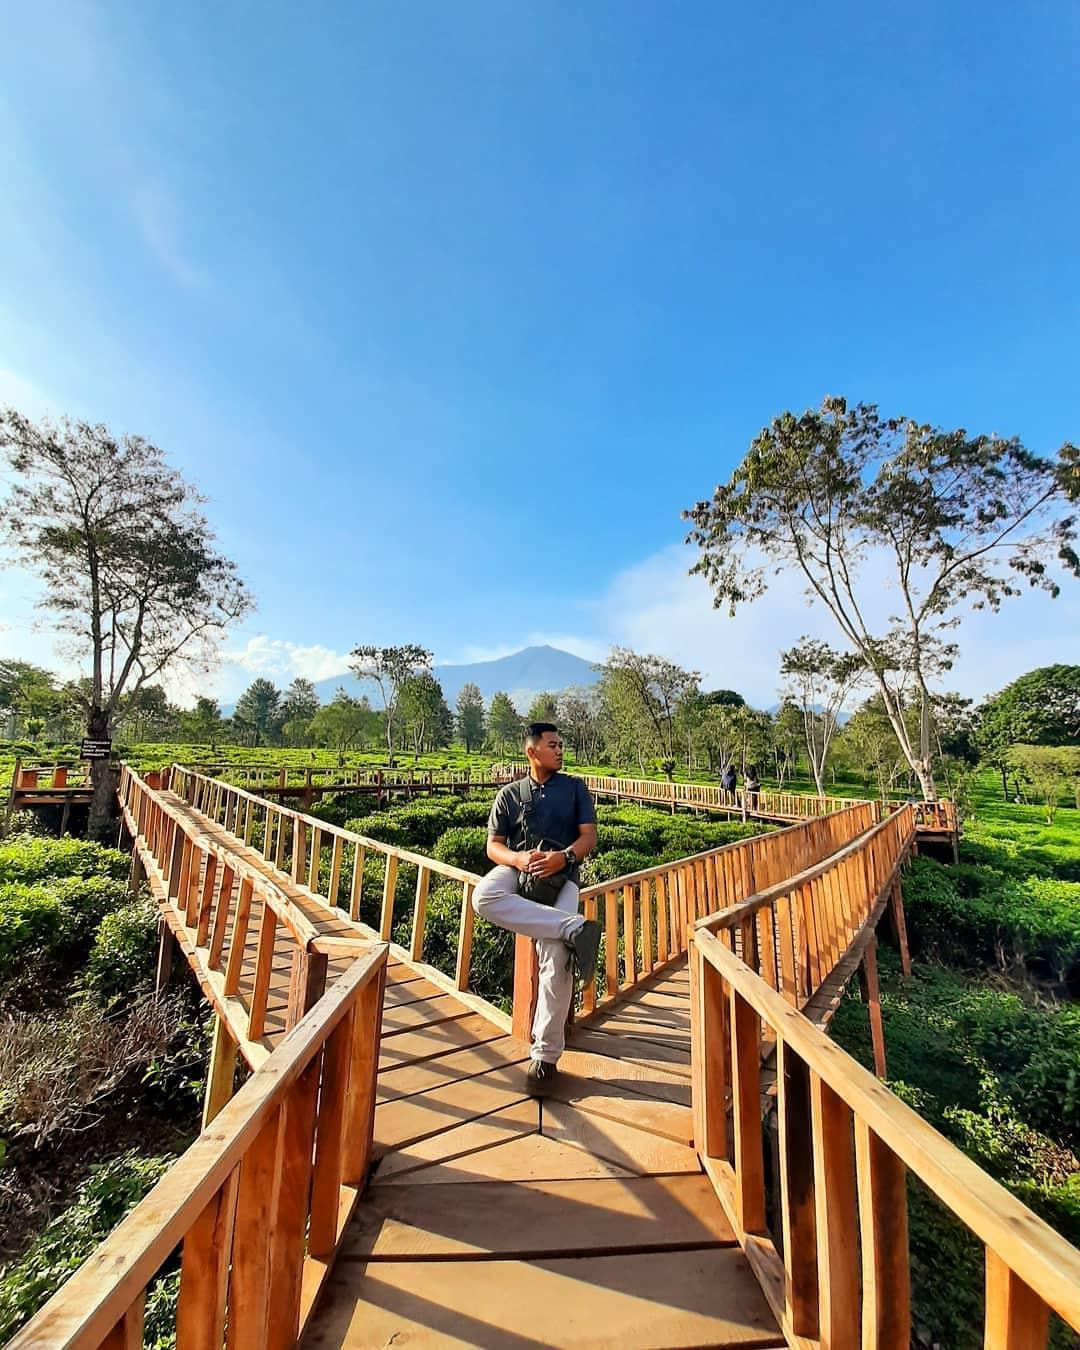 Gambar Kebun Teh Lawang Tiket Masuk Kebun Teh Wonosari Malang 2020 Wisata Dan Penginapan